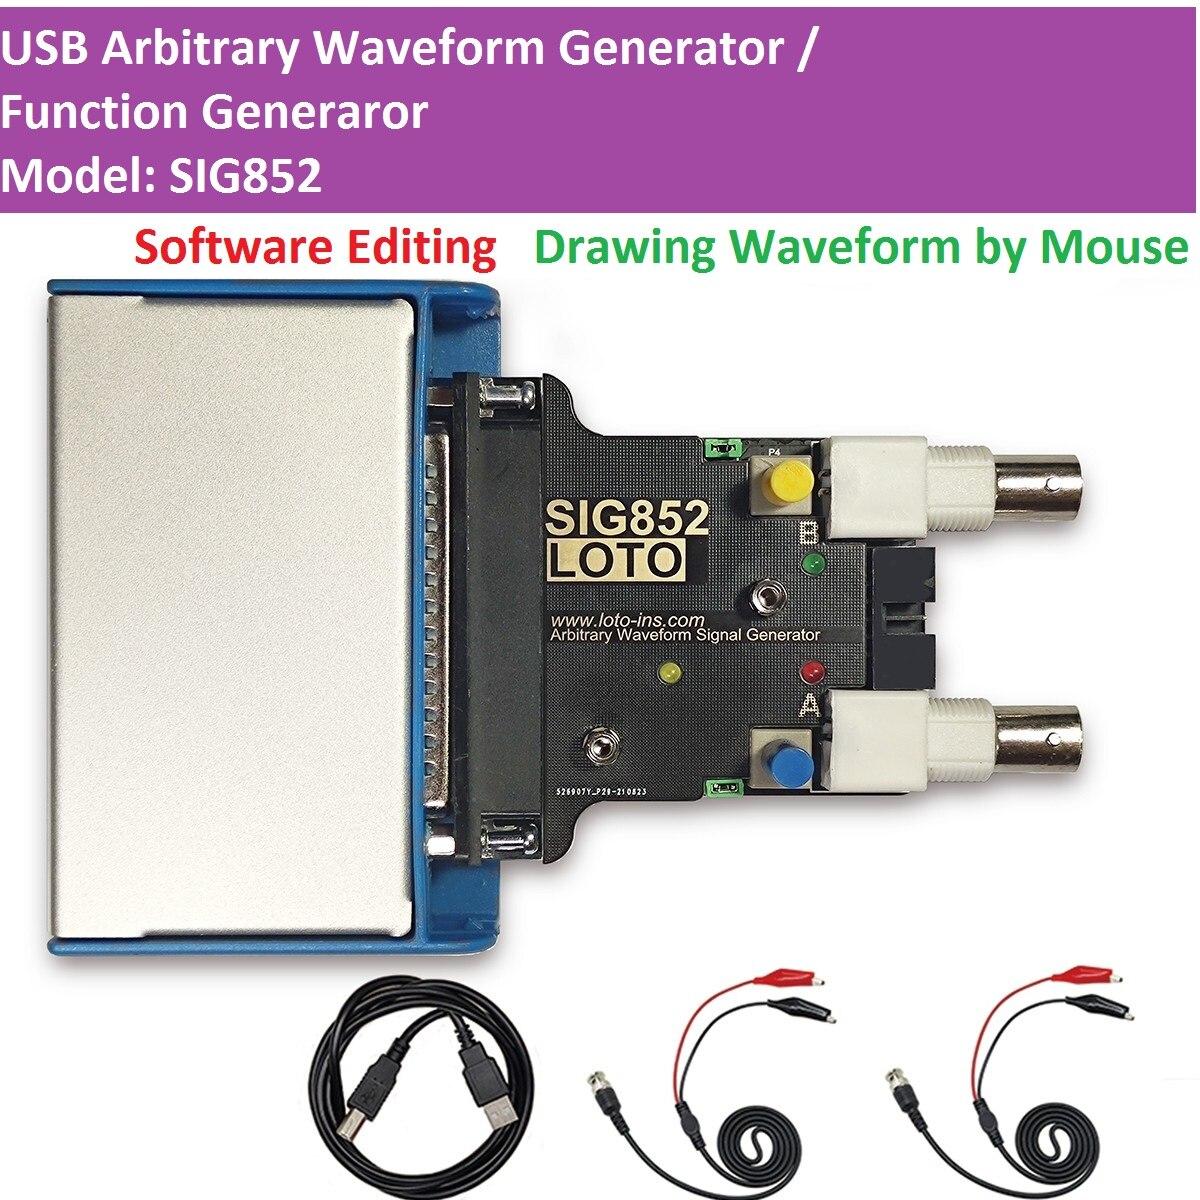 لوتو SIG852 USB AWG/مولد الموجي التعسفي/مولد إشارة/مولد وظيفة/2-قناة